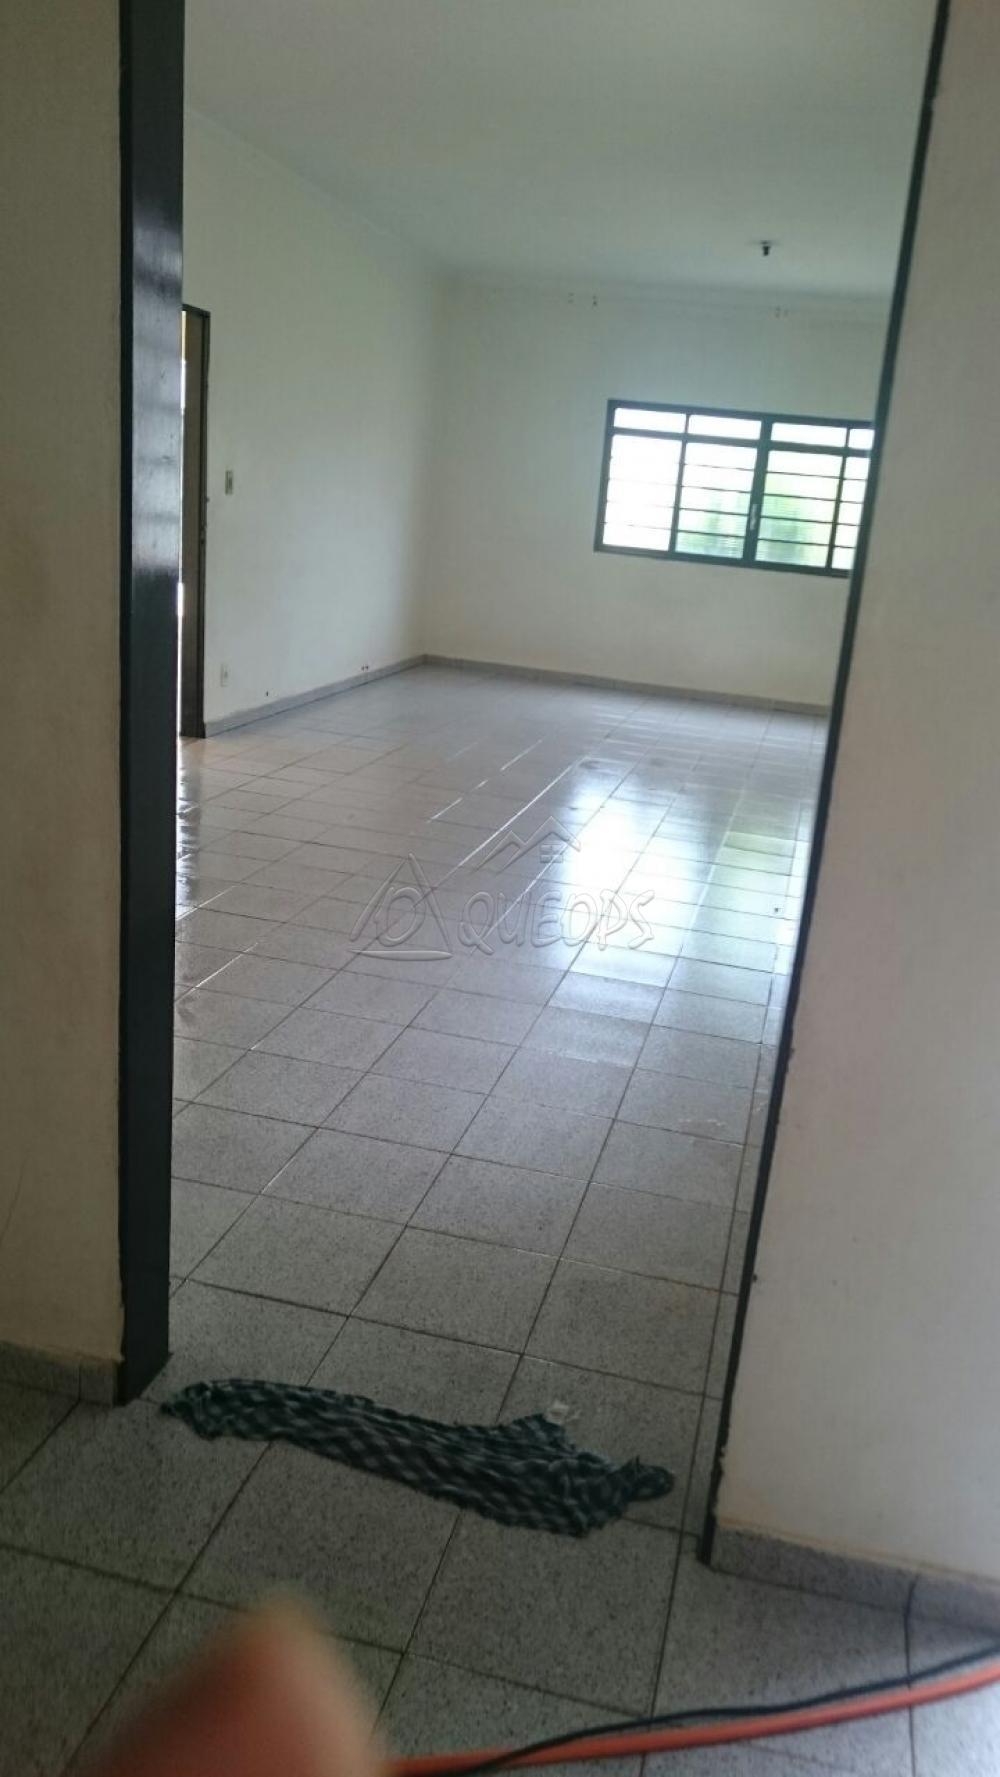 Comprar Casa / Padrão em Barretos R$ 330.000,00 - Foto 13